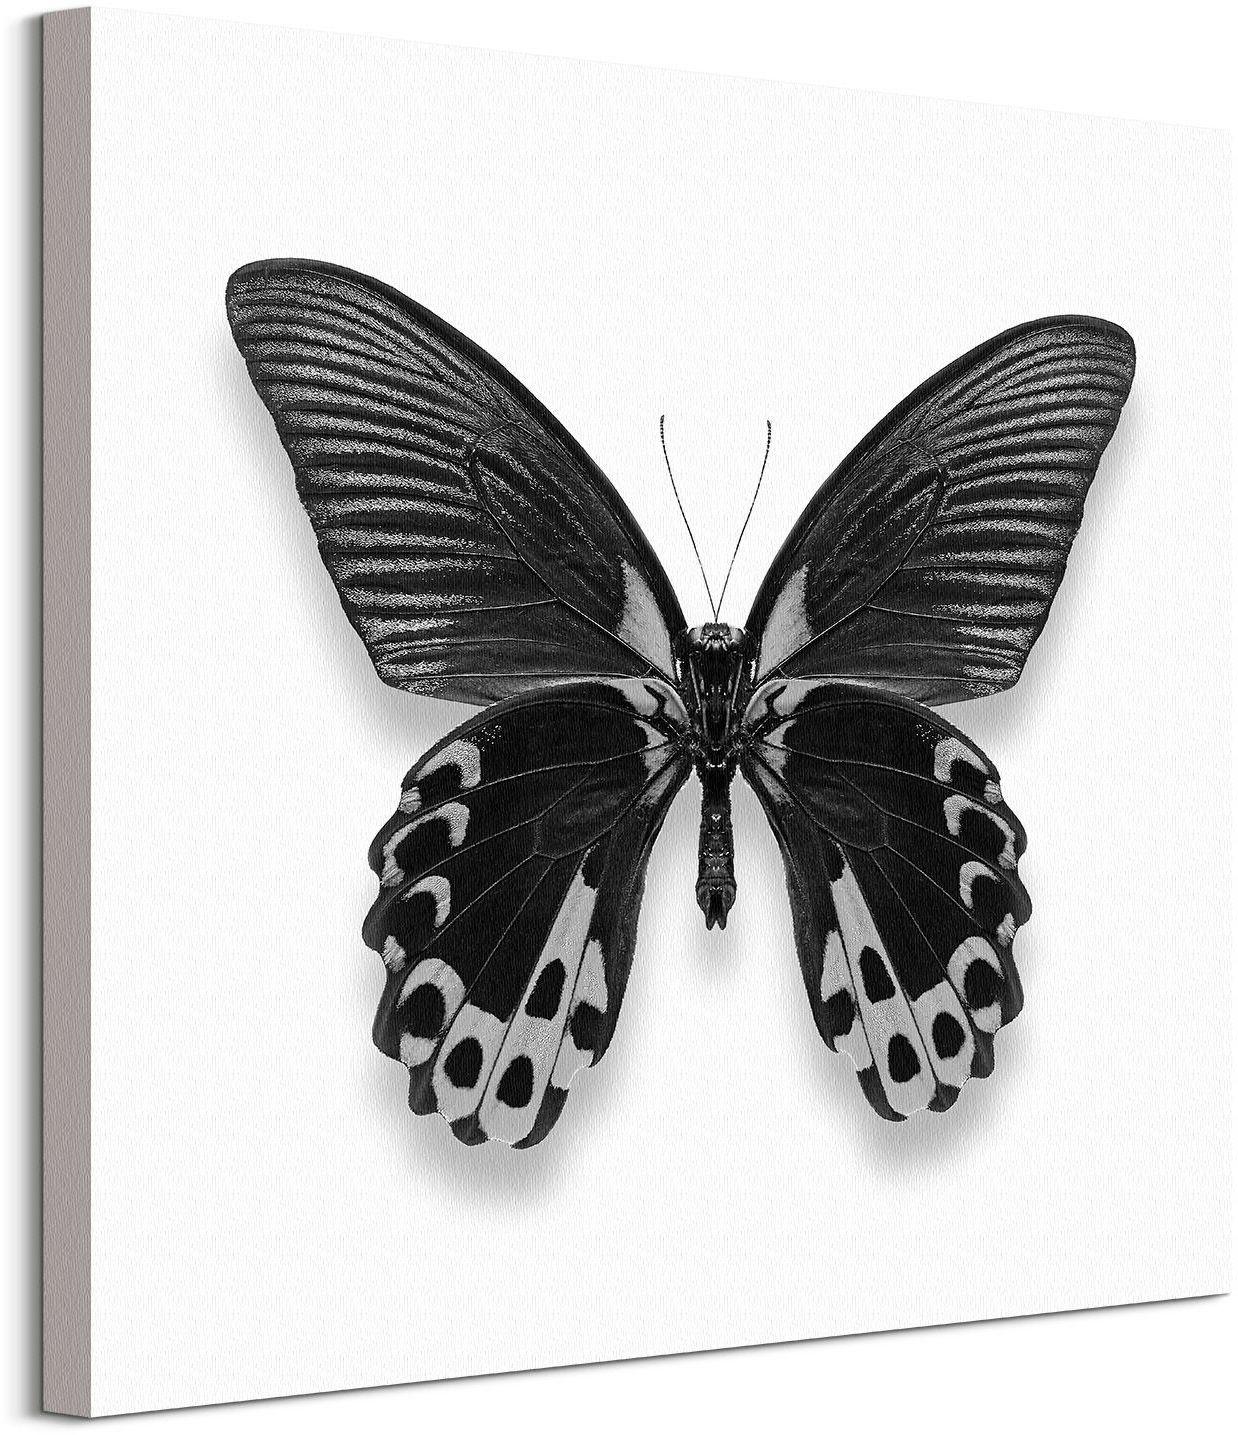 Czarny motyl - obraz na płótnie